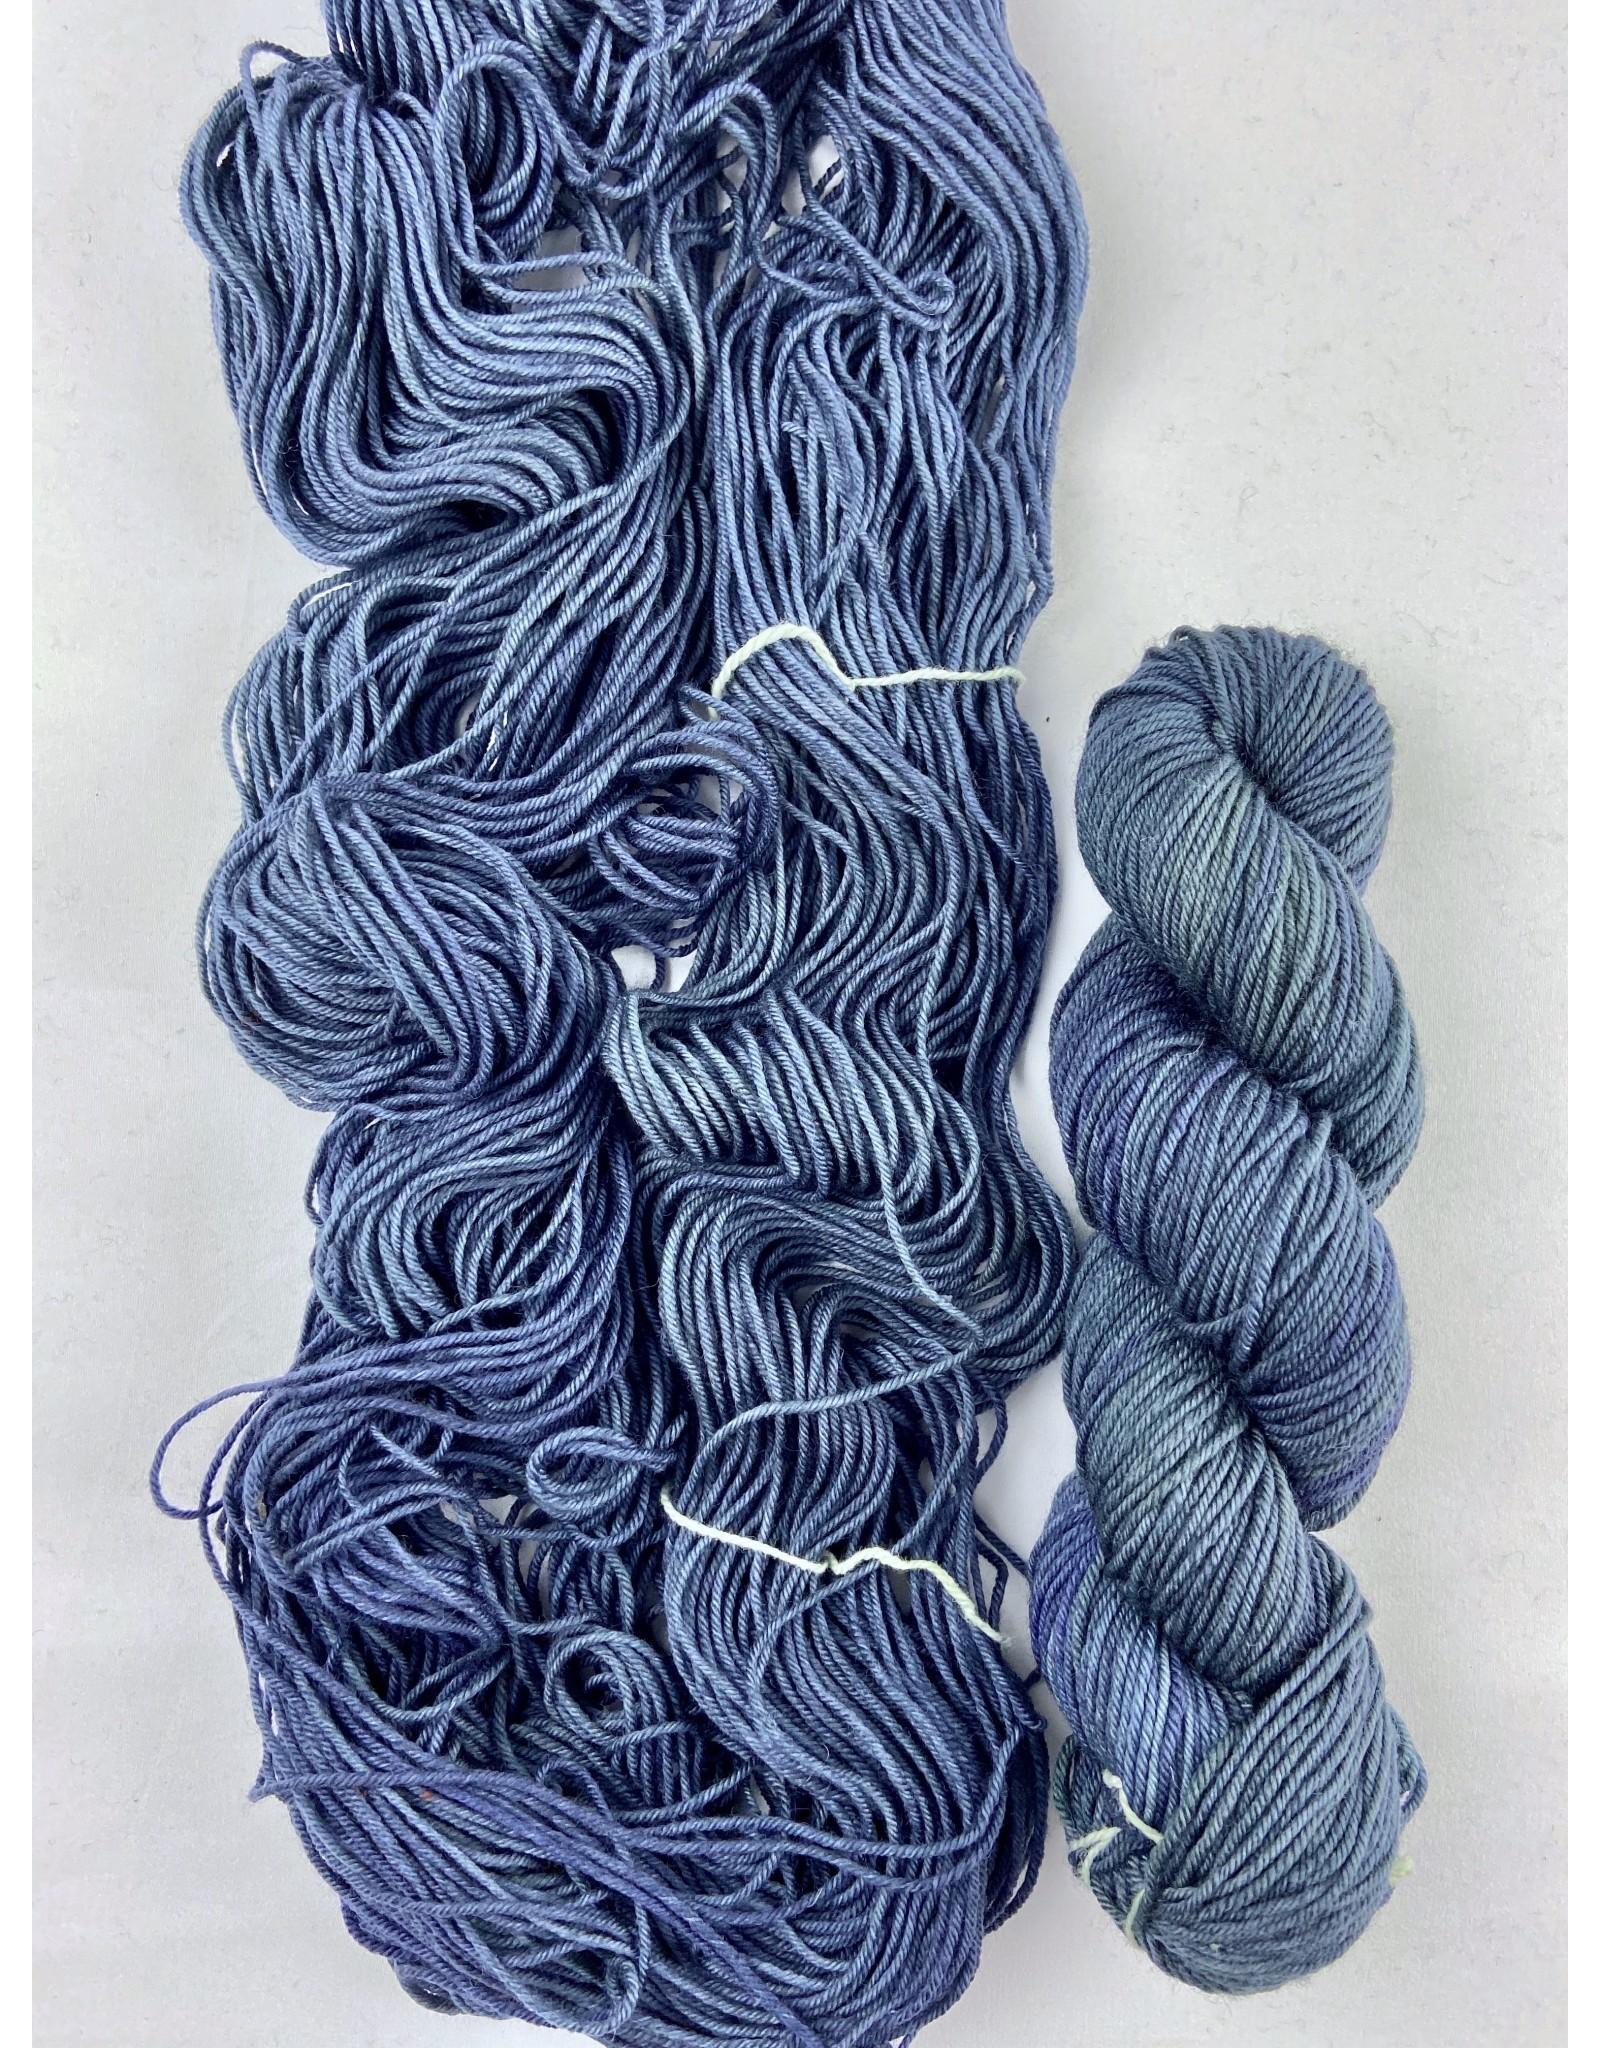 Luminous Brooklyn Blue Grey - Dazzling DK - Luminous Brooklyn